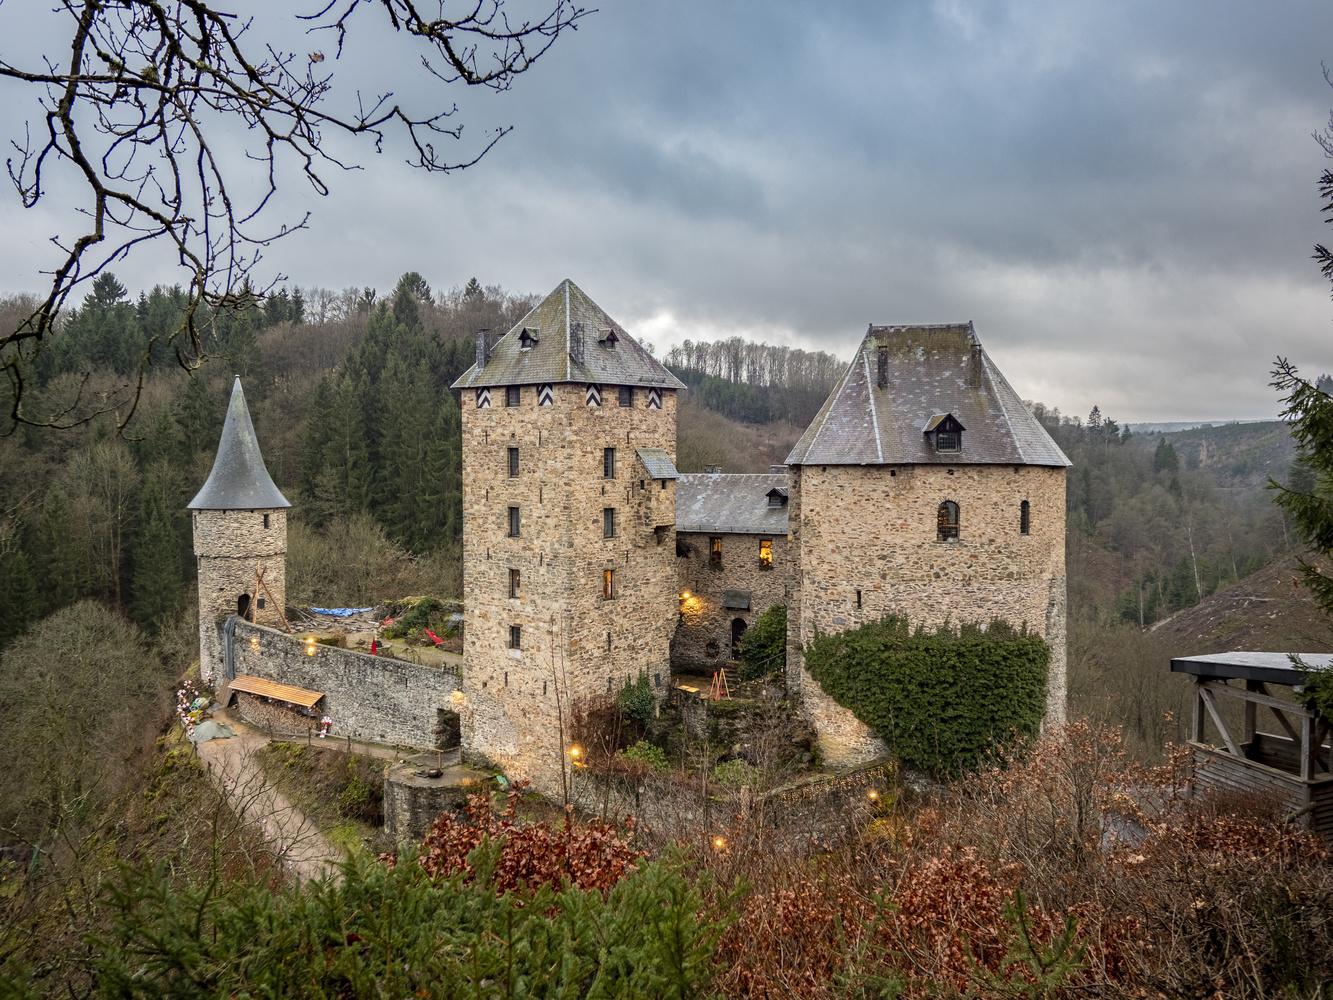 reinhardstein castle by Richard Gale